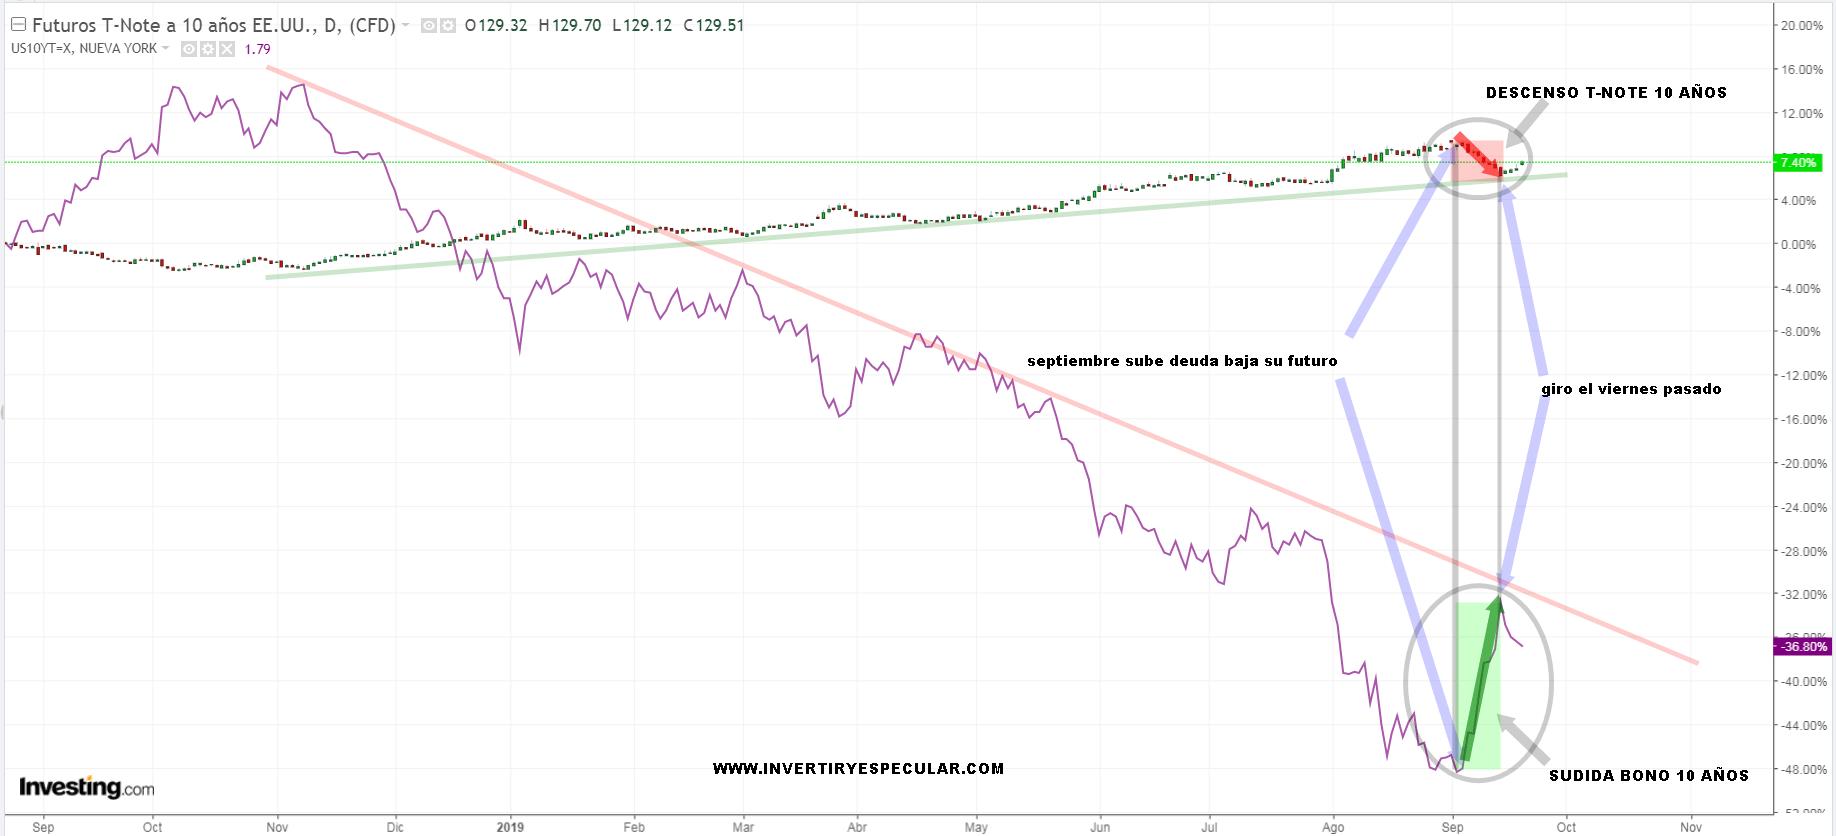 Comparativa rentabilidad nota a 10 años y futuro bono a 10 años USA